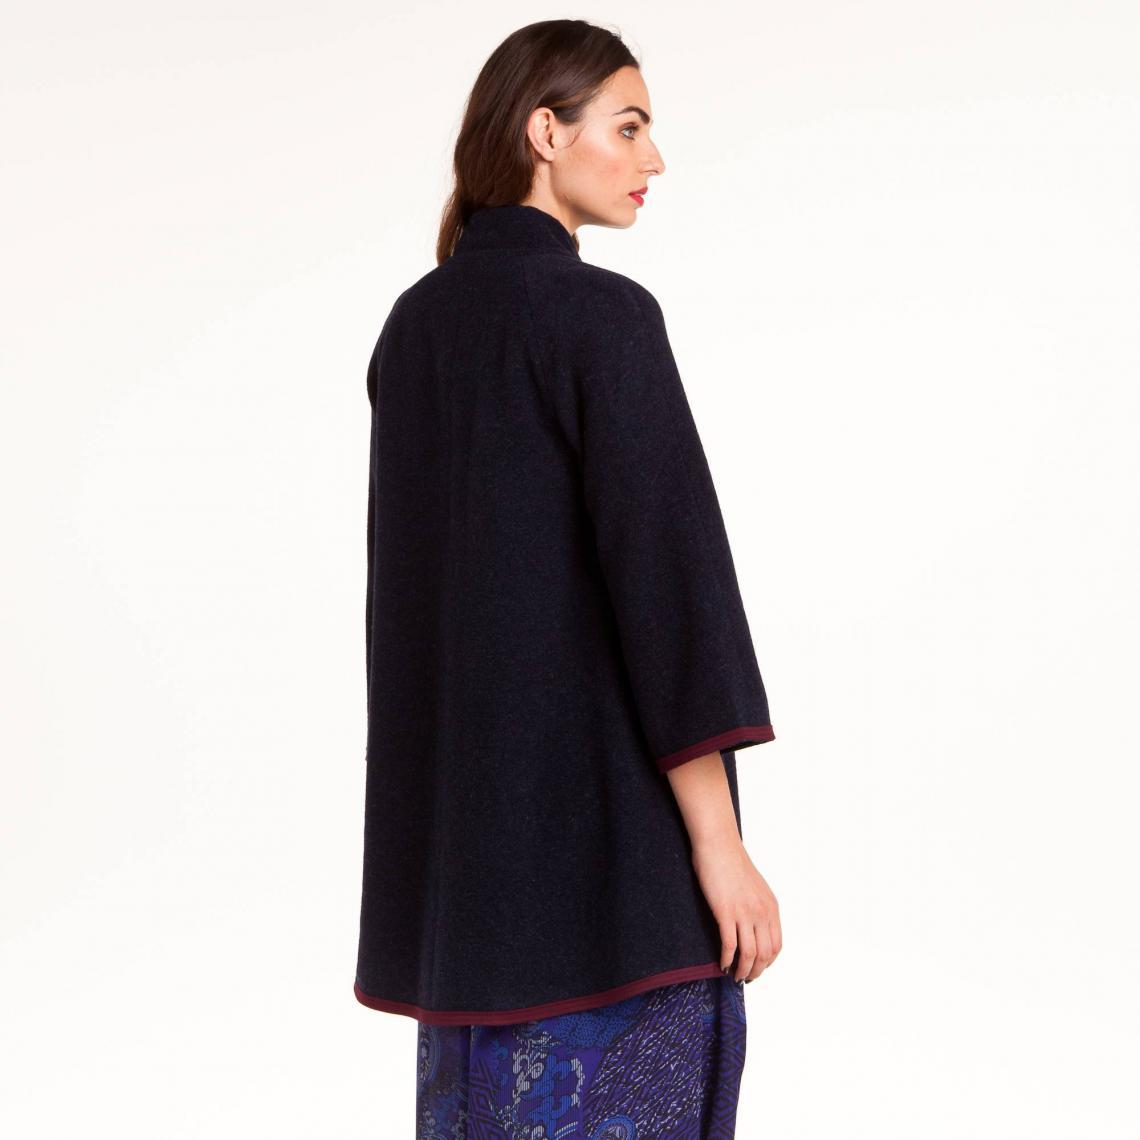 3cc87b3153c37 Manteau uni manches longues femme 3 Suisses Collection - Bleu Marine ...